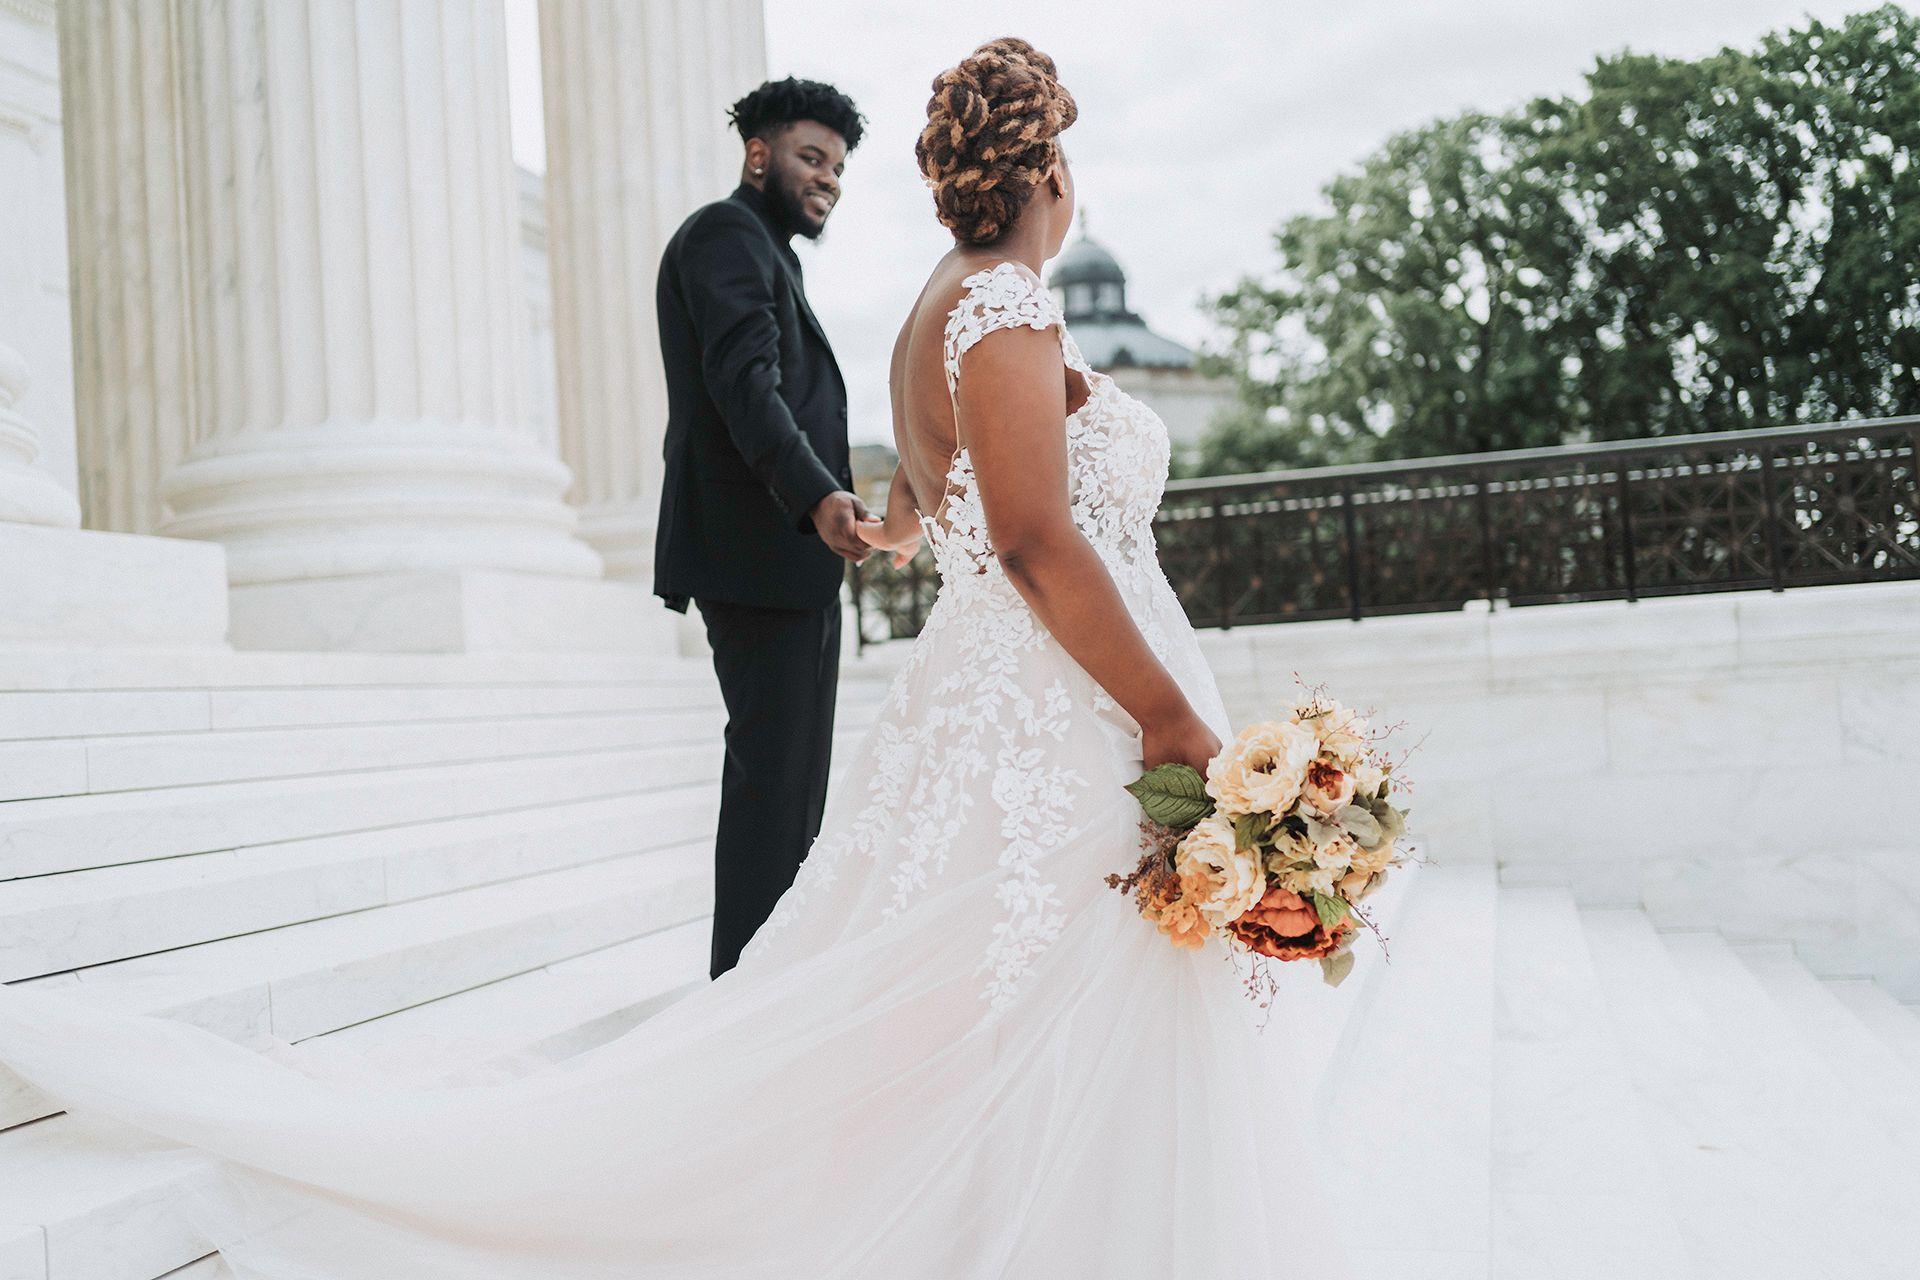 DominiqueRichardson_WashingtonDC_Wedding_09162020_139